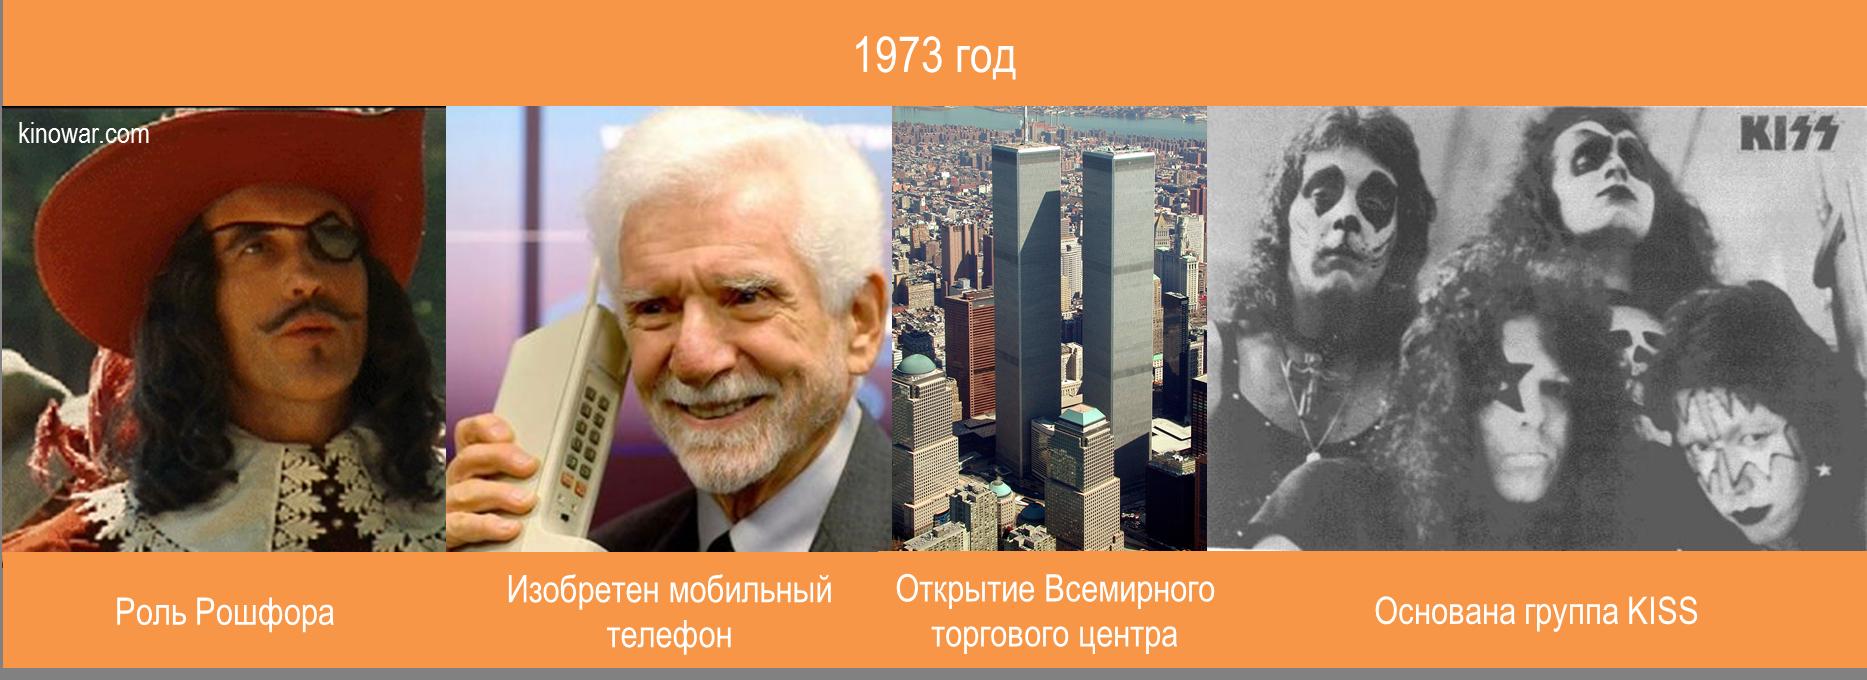 Жизнь и карьера Кристофера Ли 1973 год